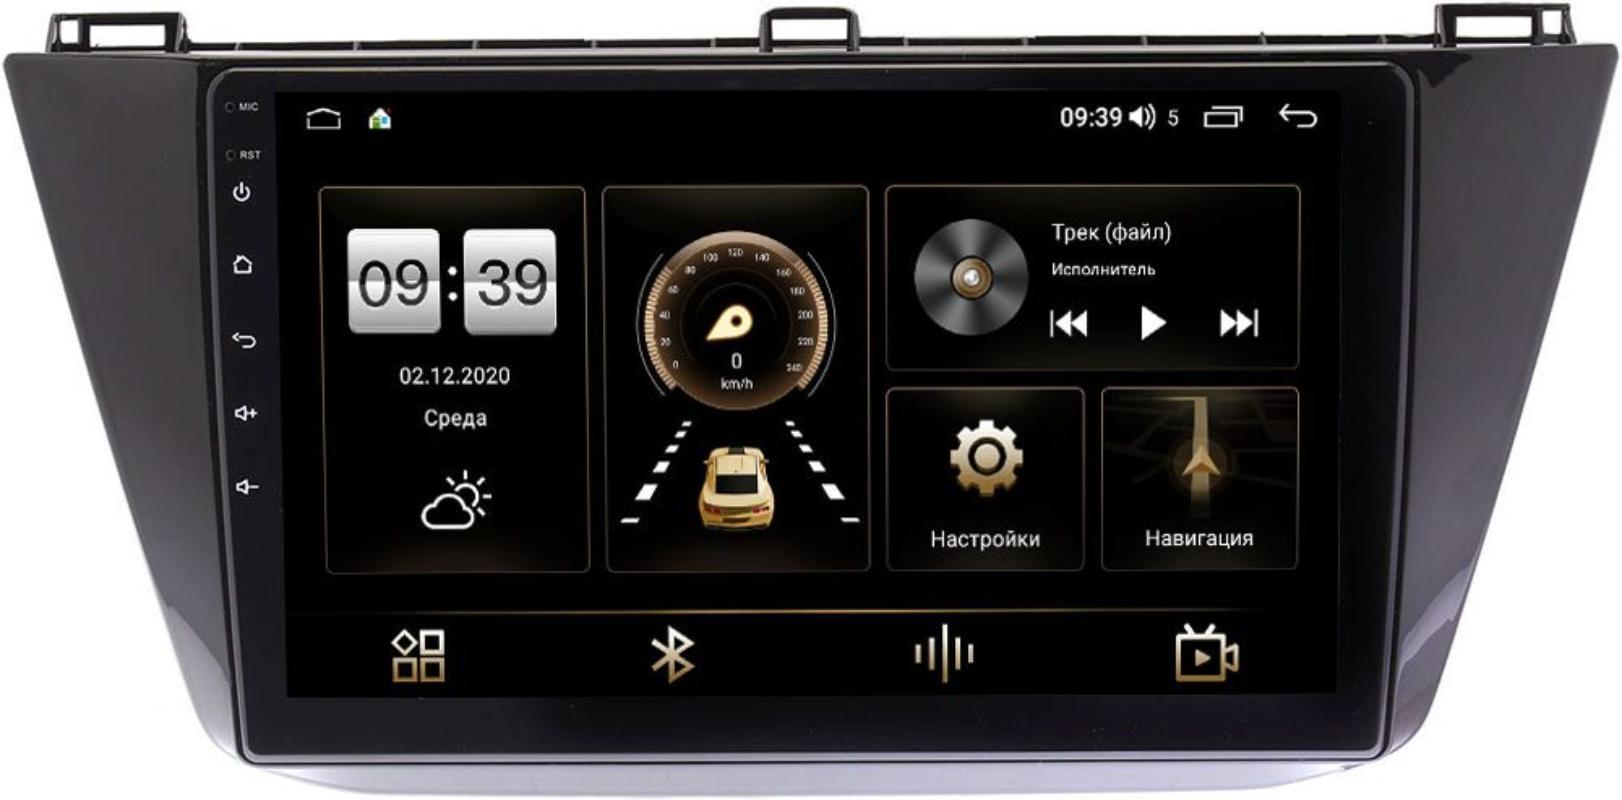 Штатная магнитола Volkswagen Tiguan 2016-2021 LeTrun 4165-10-1122 на Android 10 (4G-SIM, 3/32, DSP, QLed) (+ Камера заднего вида в подарок!)